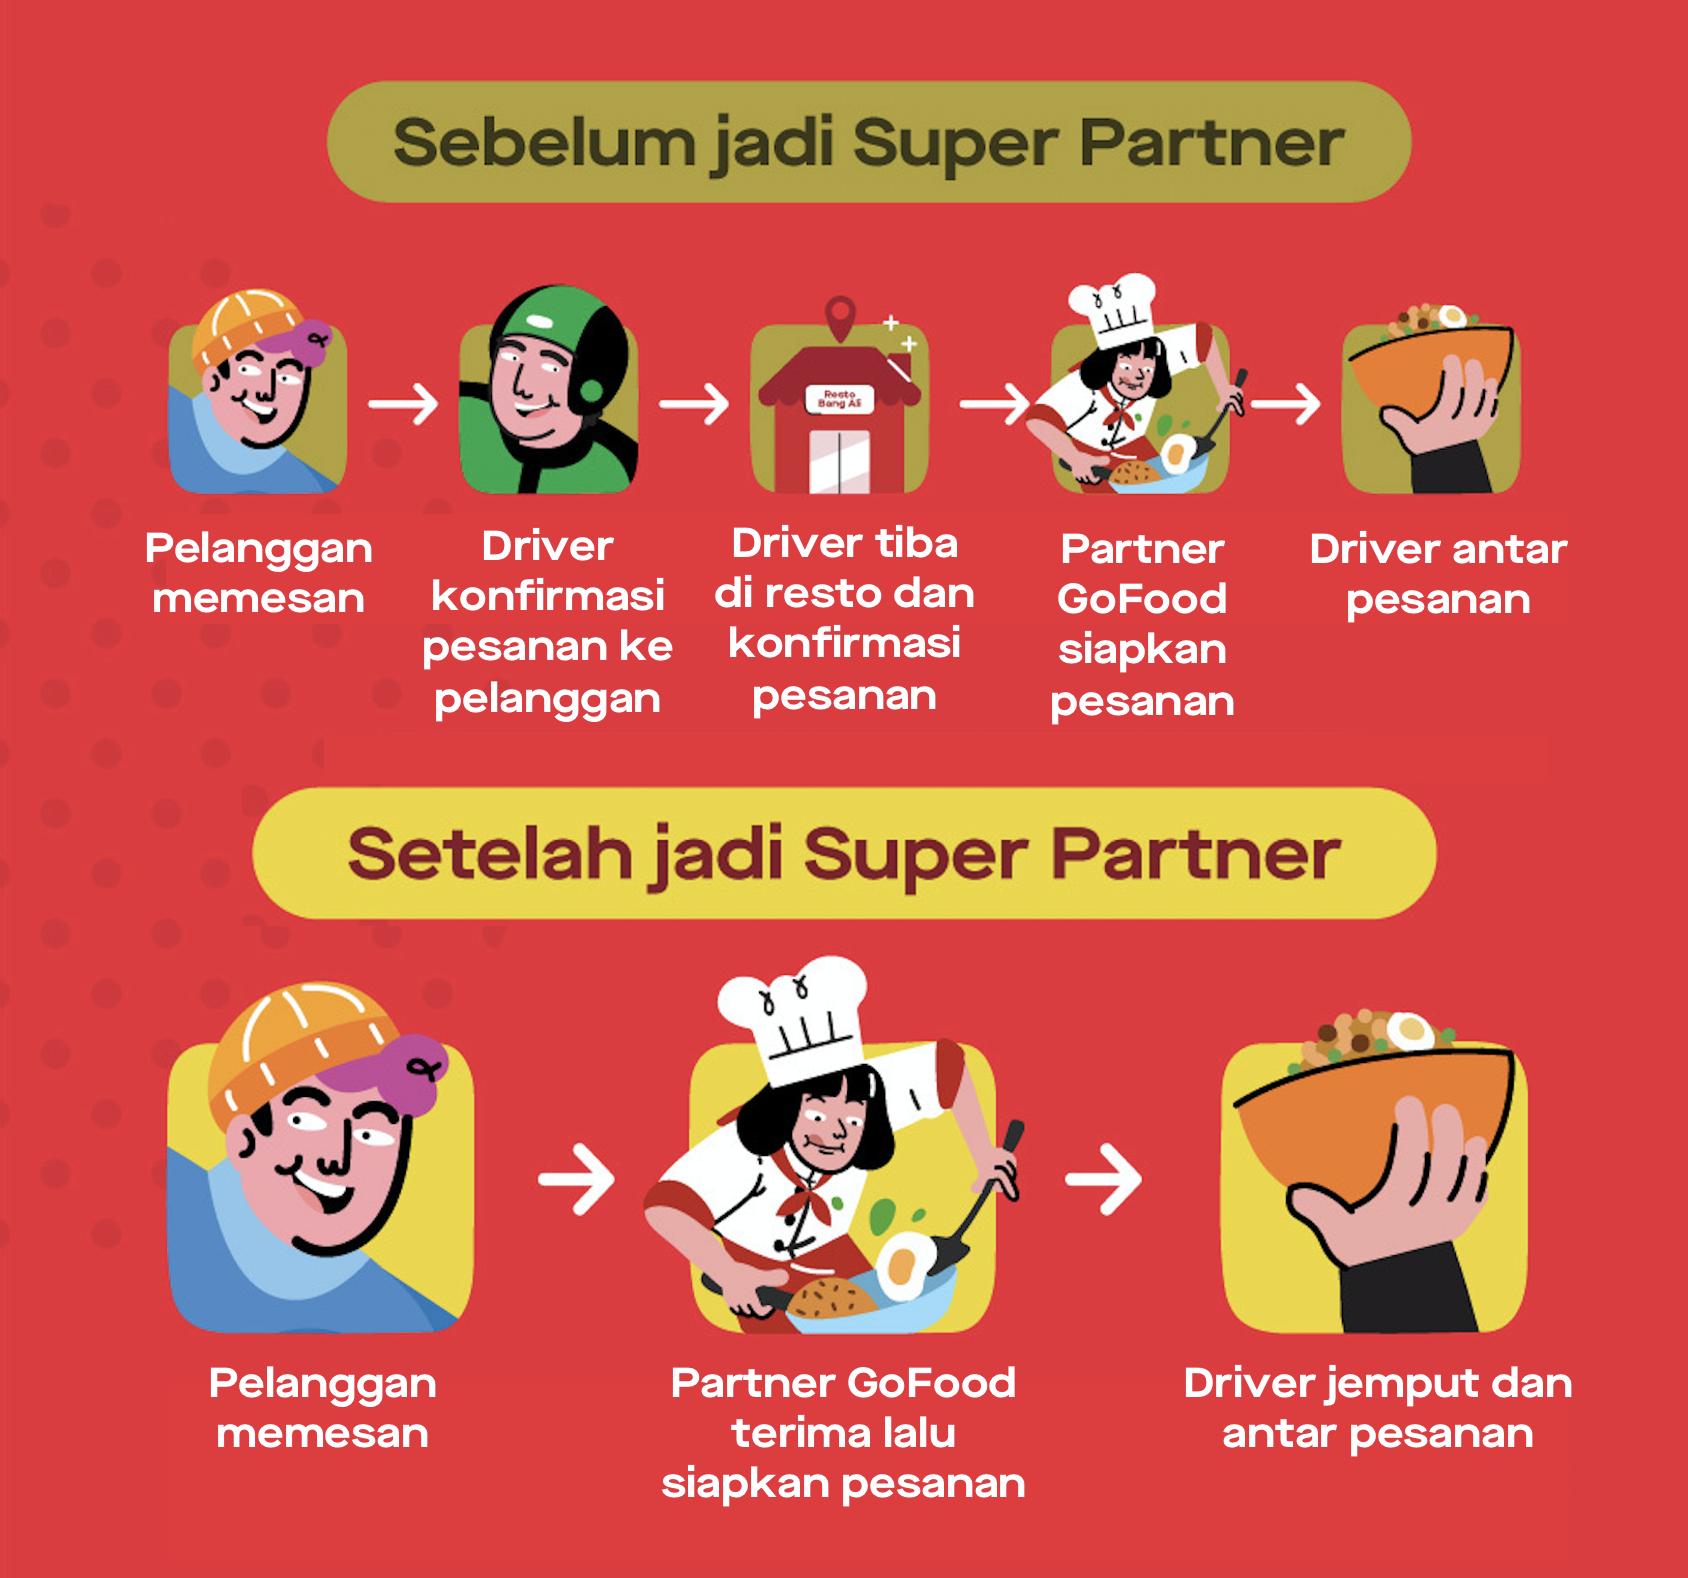 """<div><span style=""""font-size: 14pt;""""><strong>Apa yang membedakan Super Partner GoFood dari Partner GoFood lainnya?</strong></span></div> <div><span style=""""font-size: 14pt;"""">Sebagai Super Partner GoFood, alur penerimaan pesanan resto-mu akan berbeda:</span></div>"""